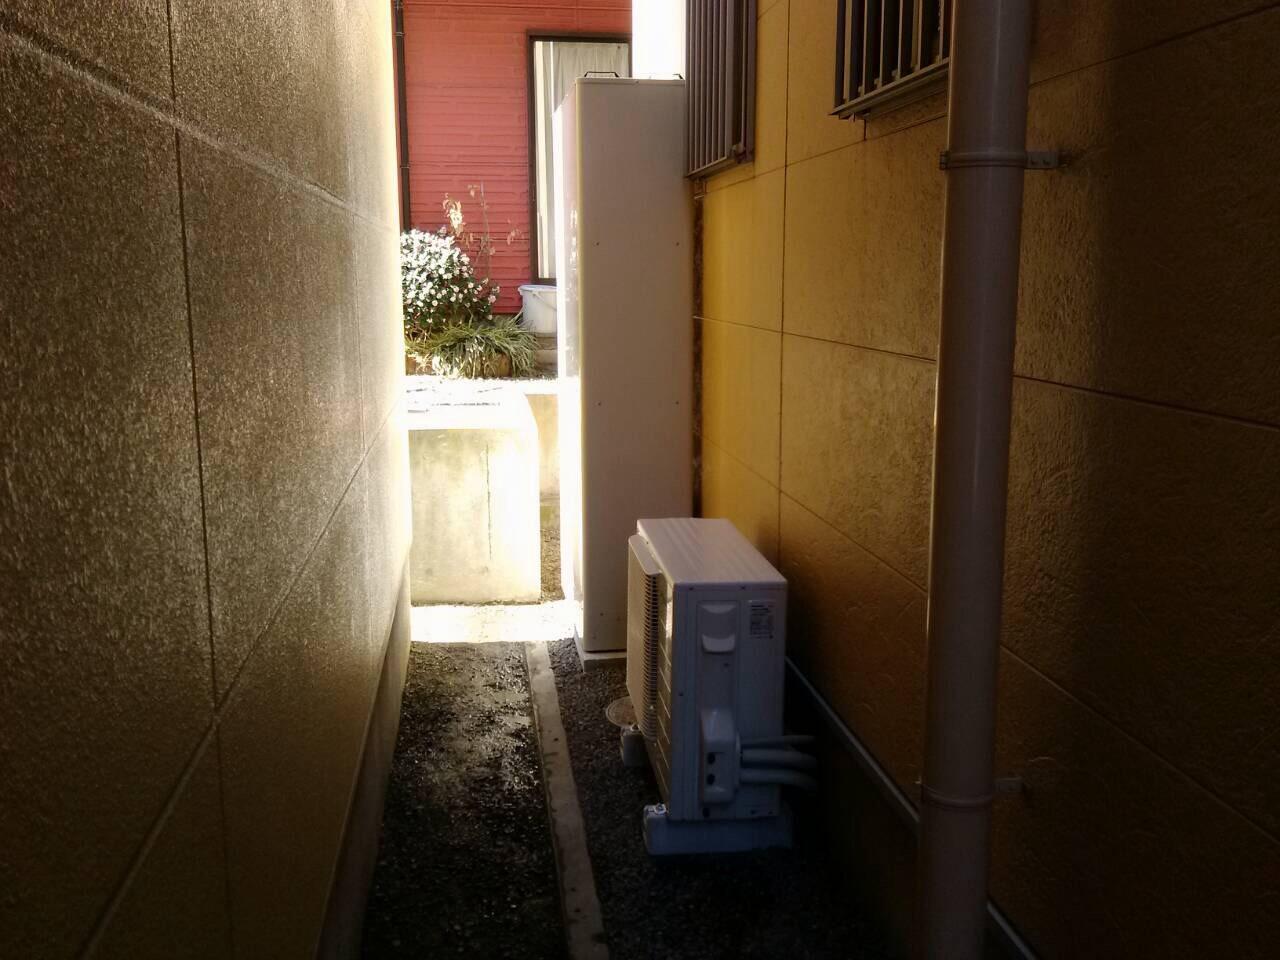 パナソニック エコキュート 薄型 スリムタイプ 沼津市